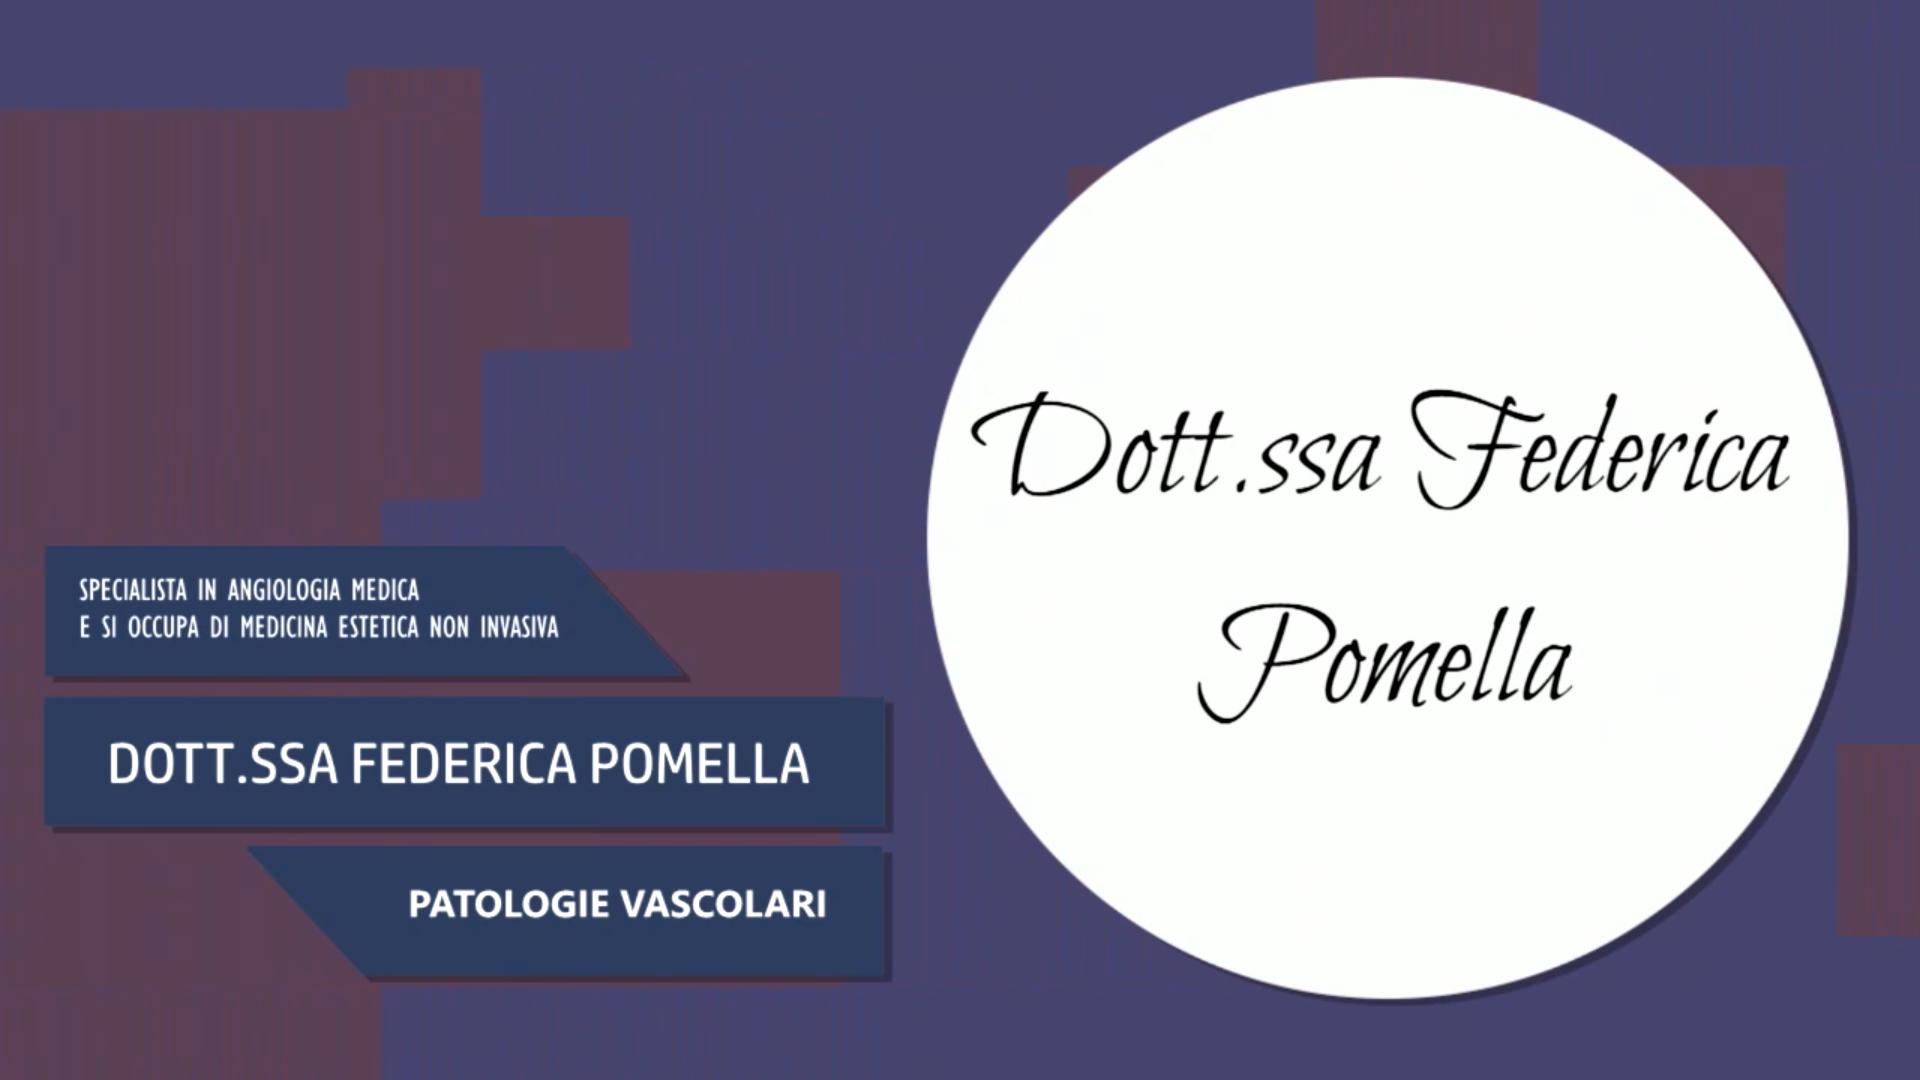 Intervista alla Dott.ssa Federica Pomella – Patologie vascolari